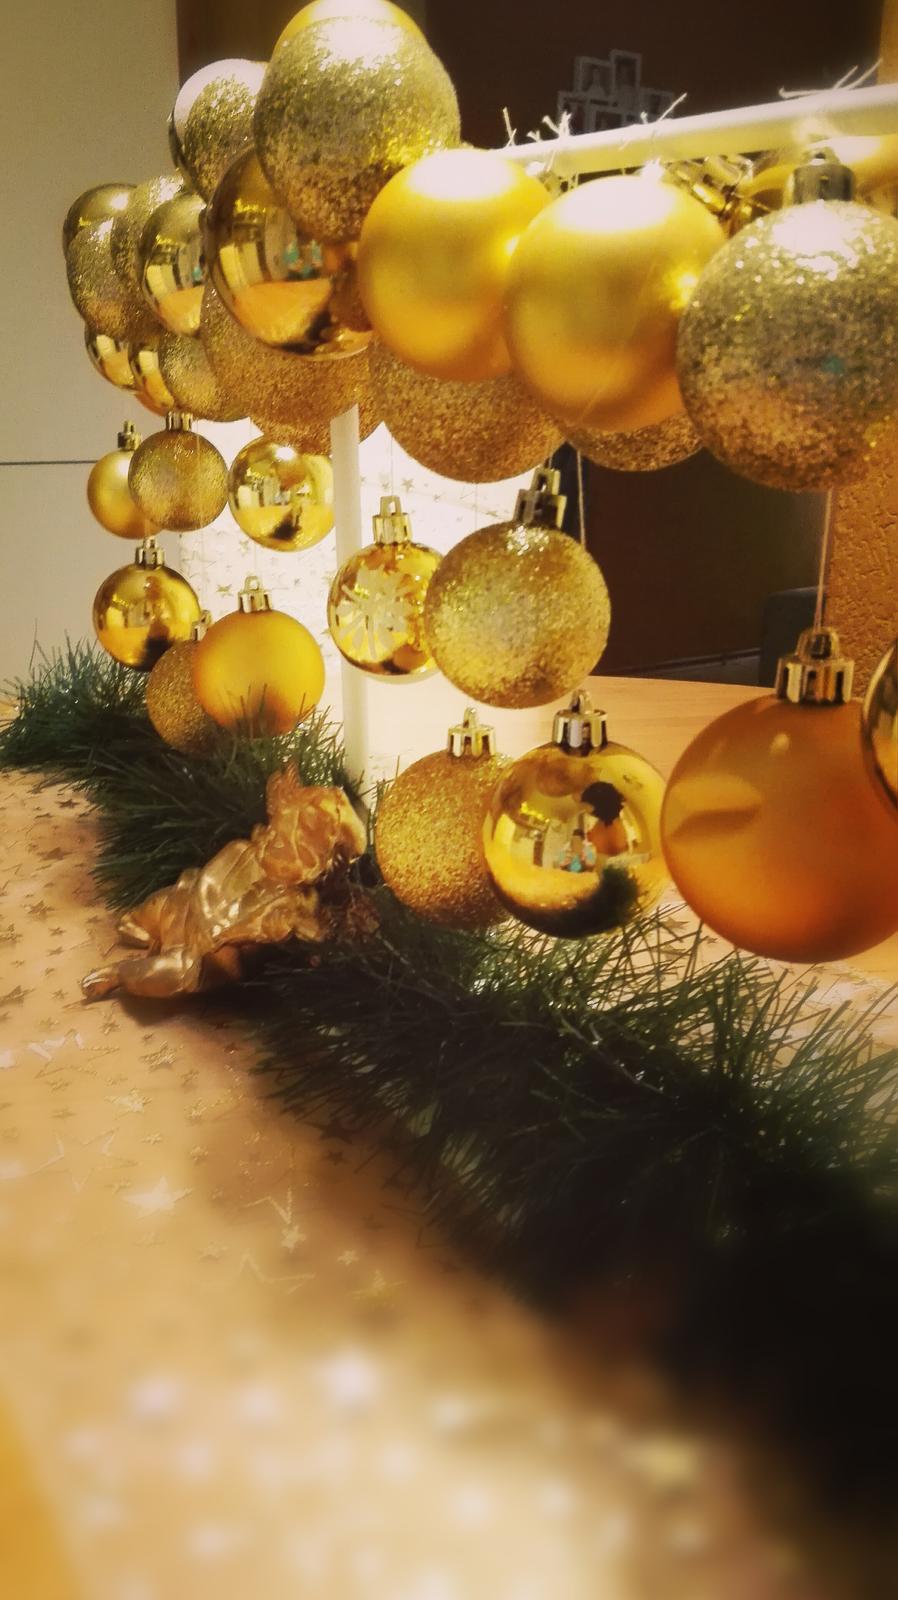 Vianoce u nas ... 2016 - Obrázok č. 13